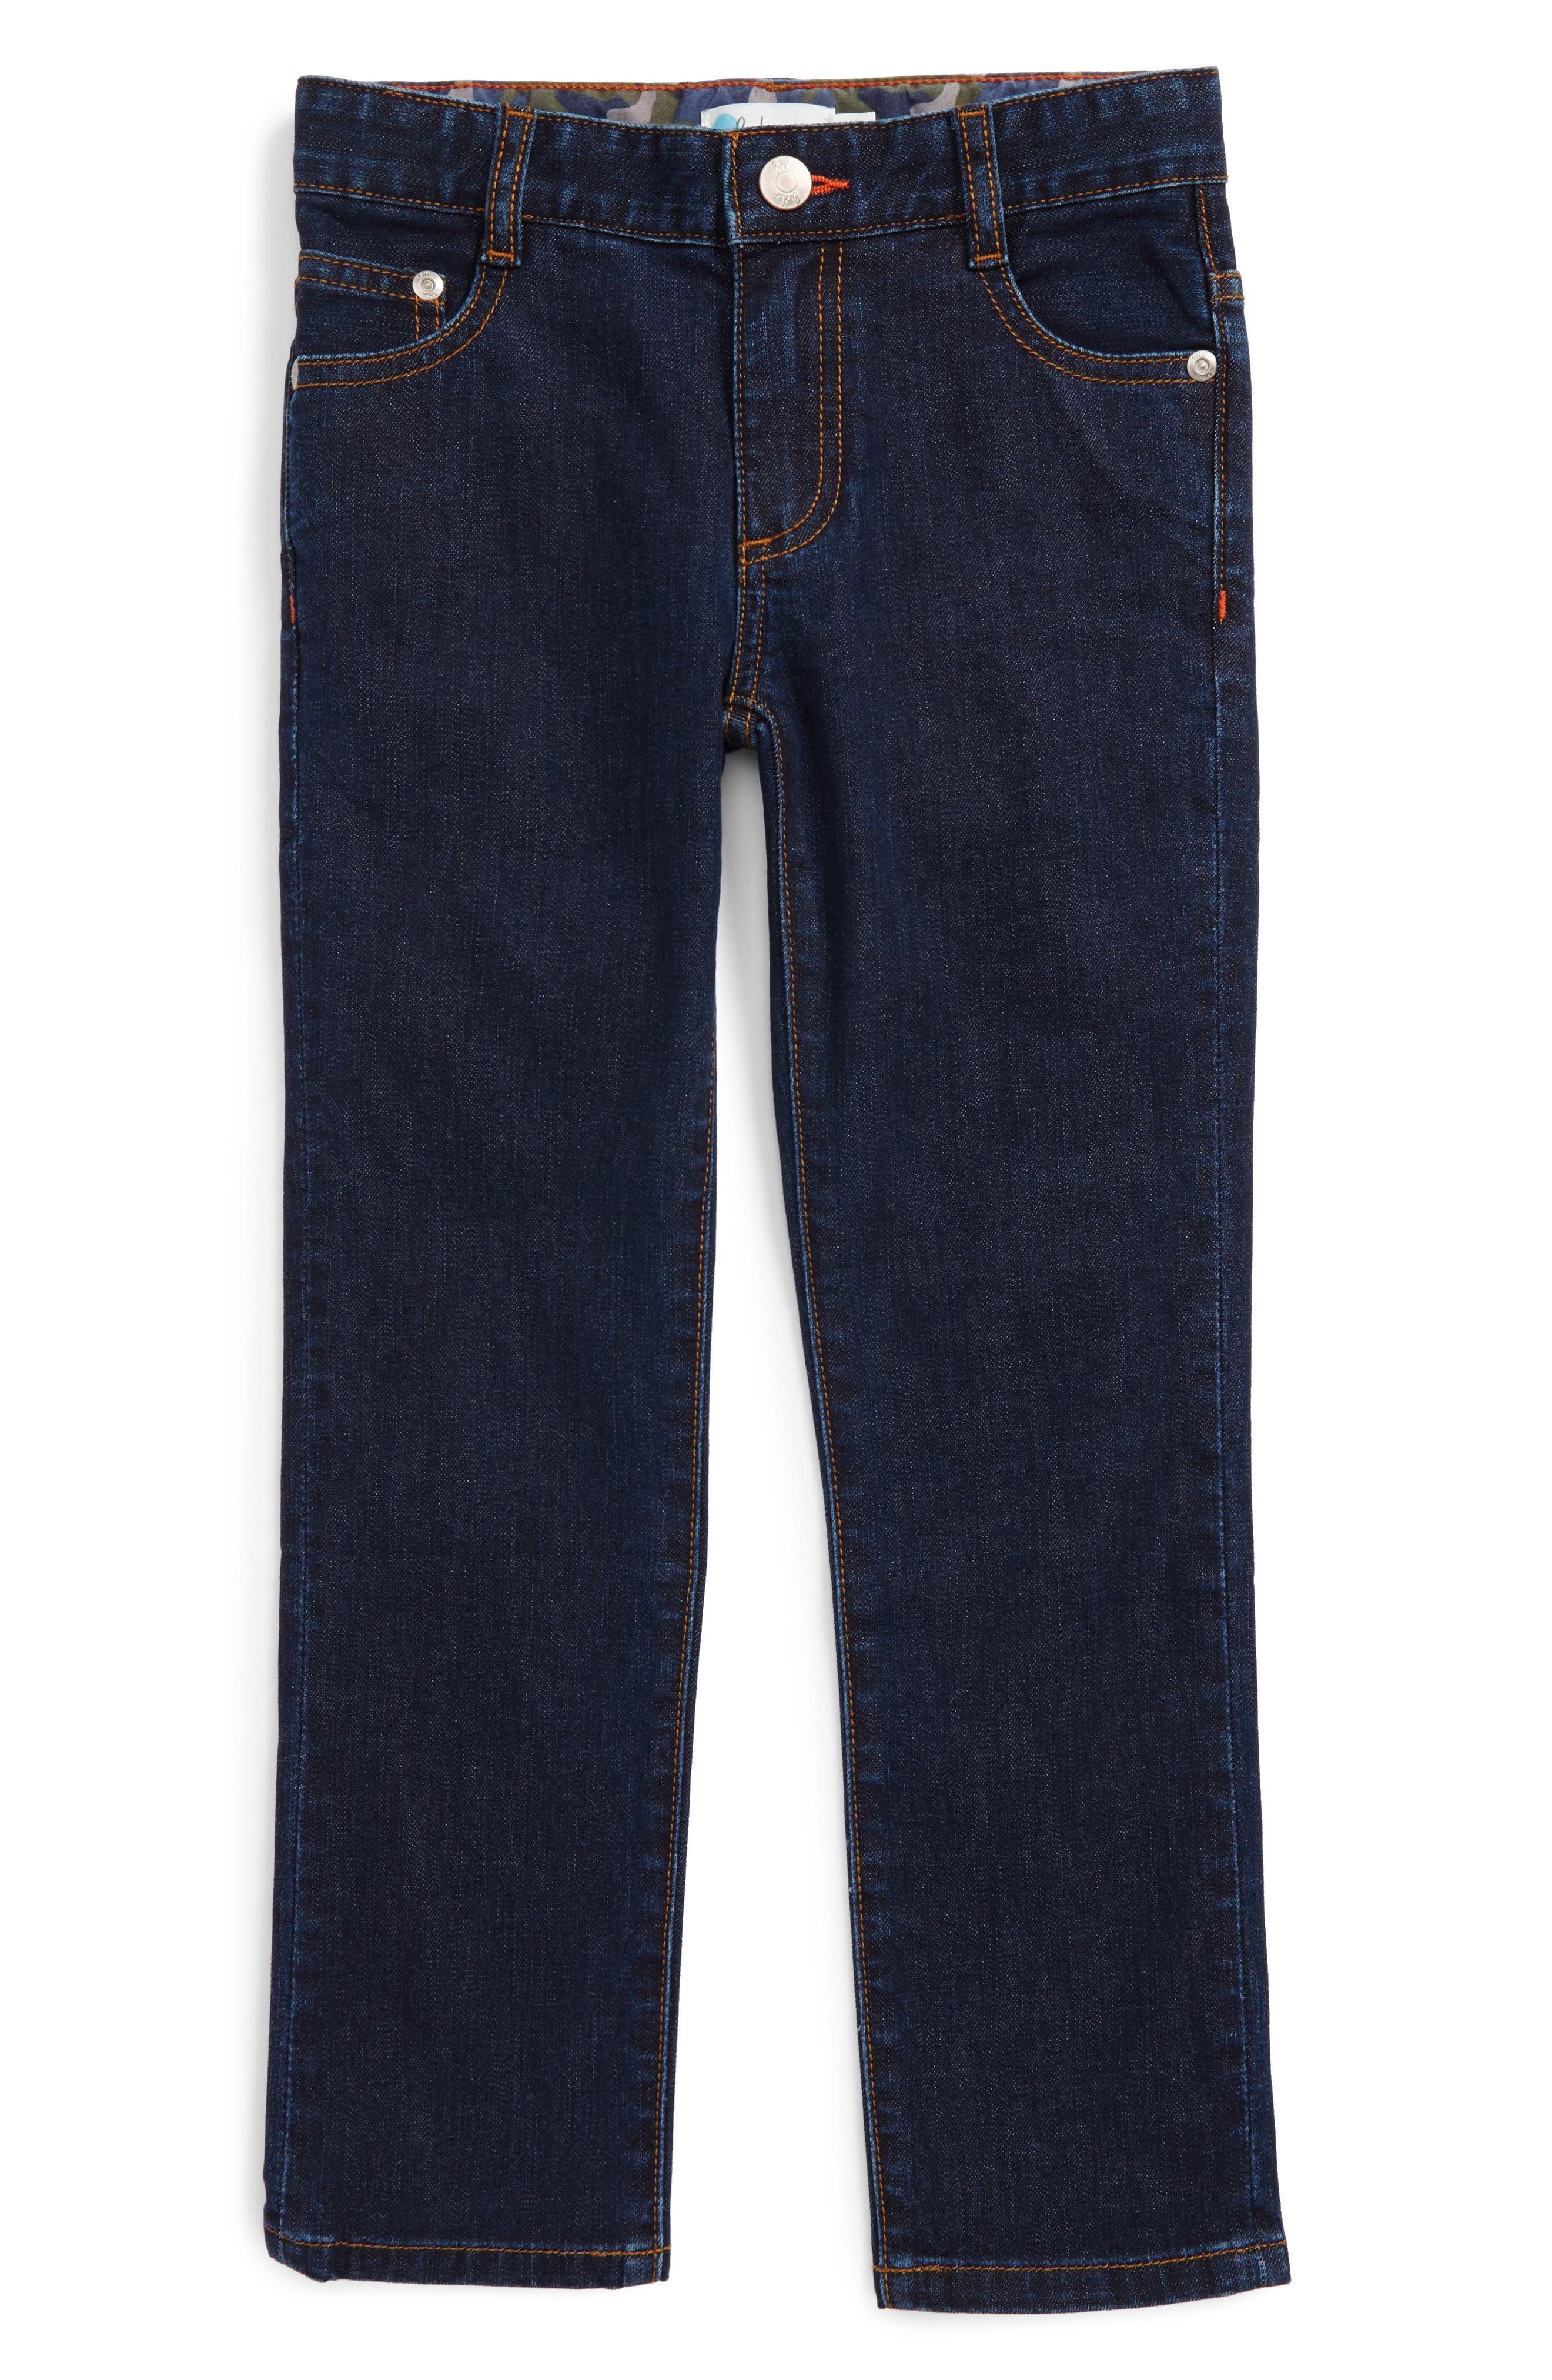 Mini Boden Slim Straight Leg Jeans (Toddler Boys, Little Boys & Big Boys)